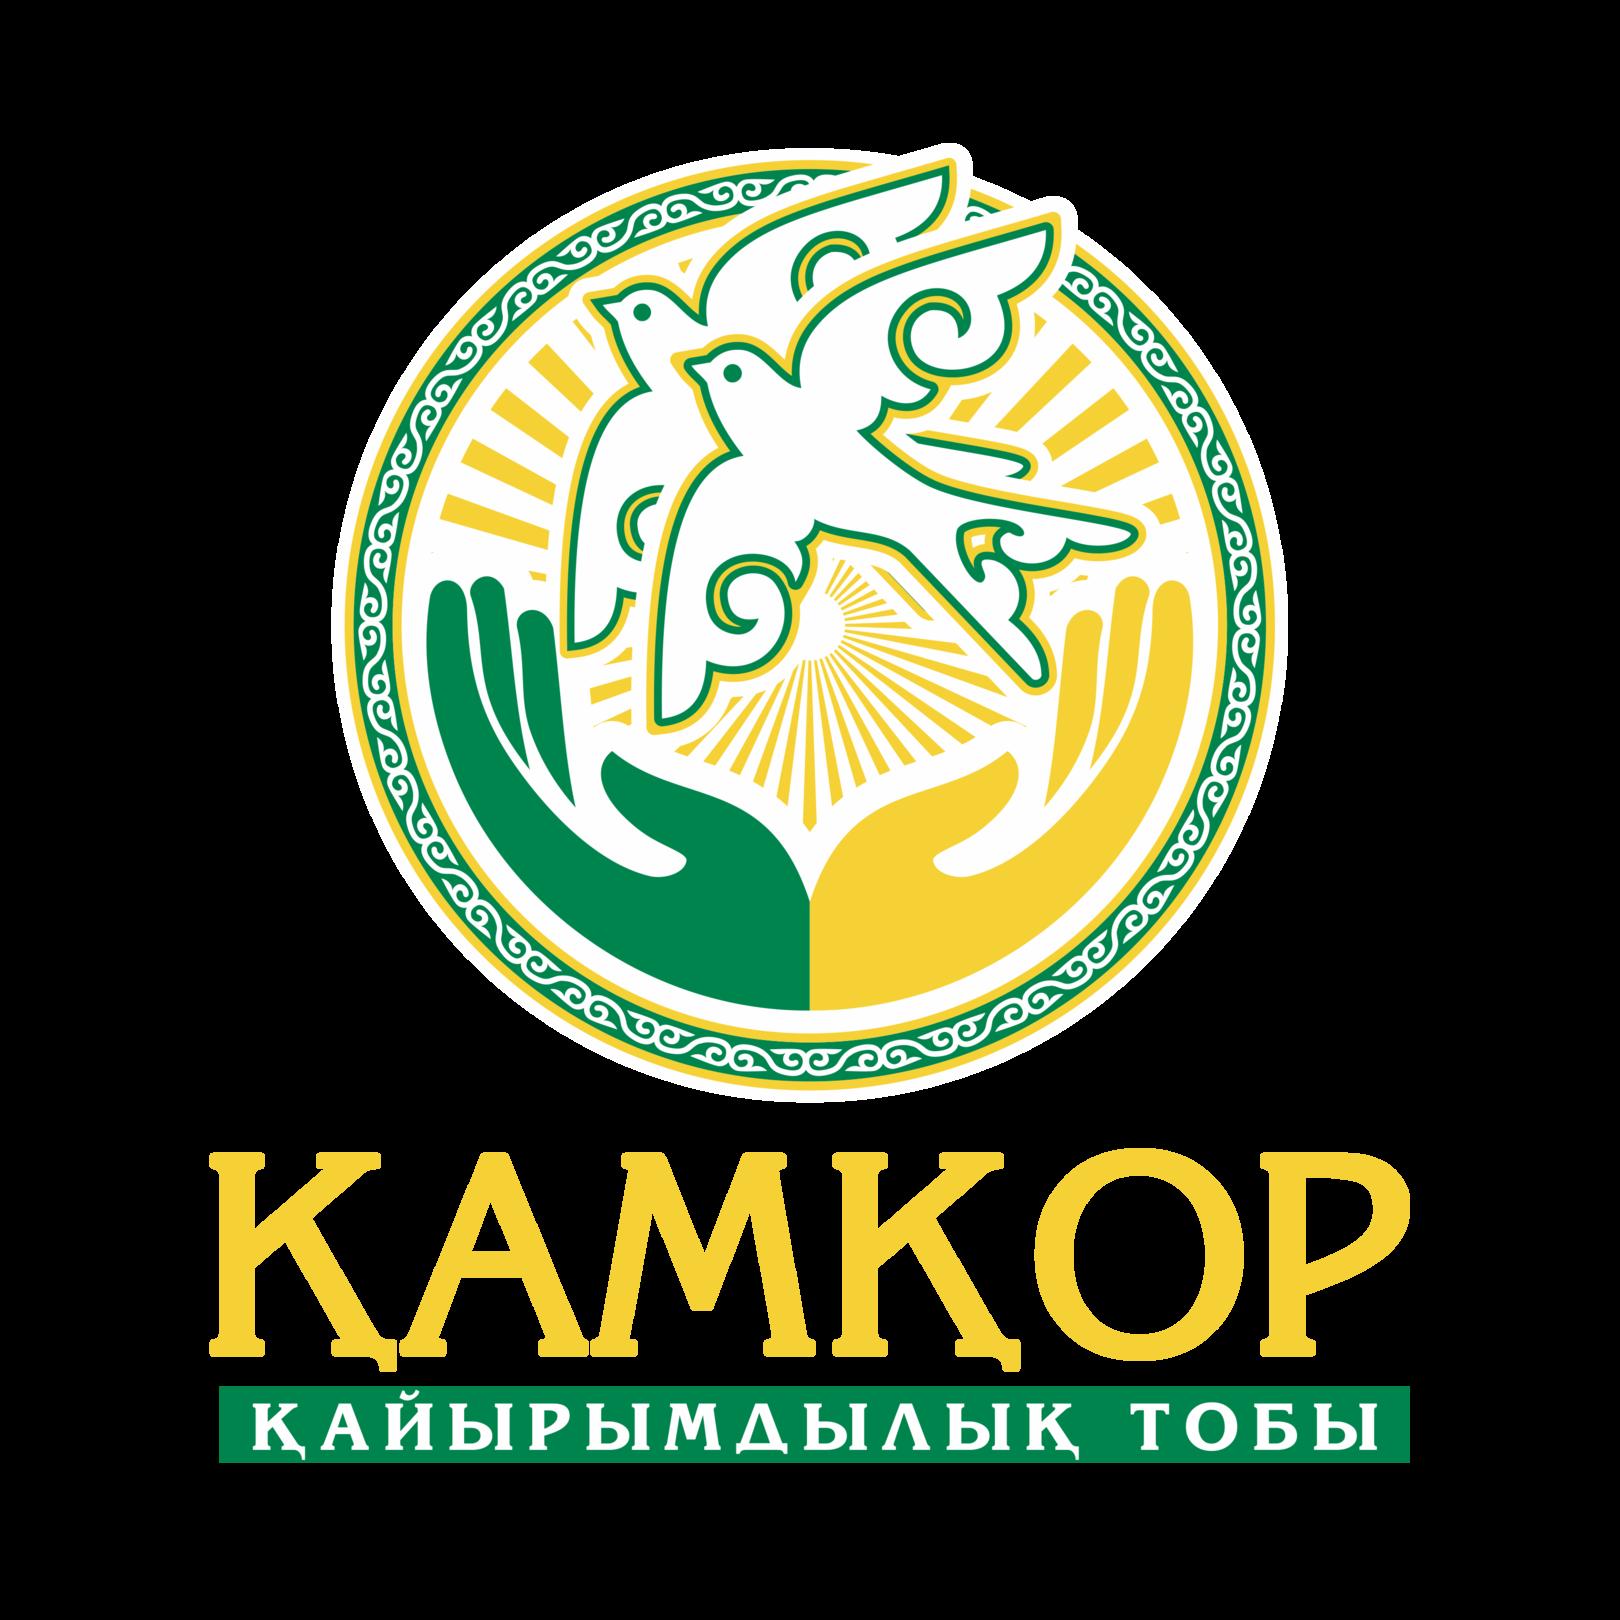 """Благотворительная группа """"Забота"""" (перевод с казахского языка)  В логотипе использованы три цвета: Белый - цвет чистоты, доброты и светлости.  Желтый - цвет тепла, энергии. Зеленый - цвет спокойствия, успокоения, стабильности, устойчивая жизненная позиция, уверенность.  Раскрытые ладони - символ поддержки и заботы; одна ладонь зеленого цвета - несет успокоение, стабильность, уверенность в лучшее и светлое будущее; другая ладонь желтого цвета - олицетворяет энергию, которая согревает и дарит теплоту.   Птицы - ласточки, дающие надежду на лучшее.  Лучи солнца - свет, тепло.  Логотип разработан с элементами казахского орнамента - подчеркивает демократичность, гибкость и открытость участников данной группы."""